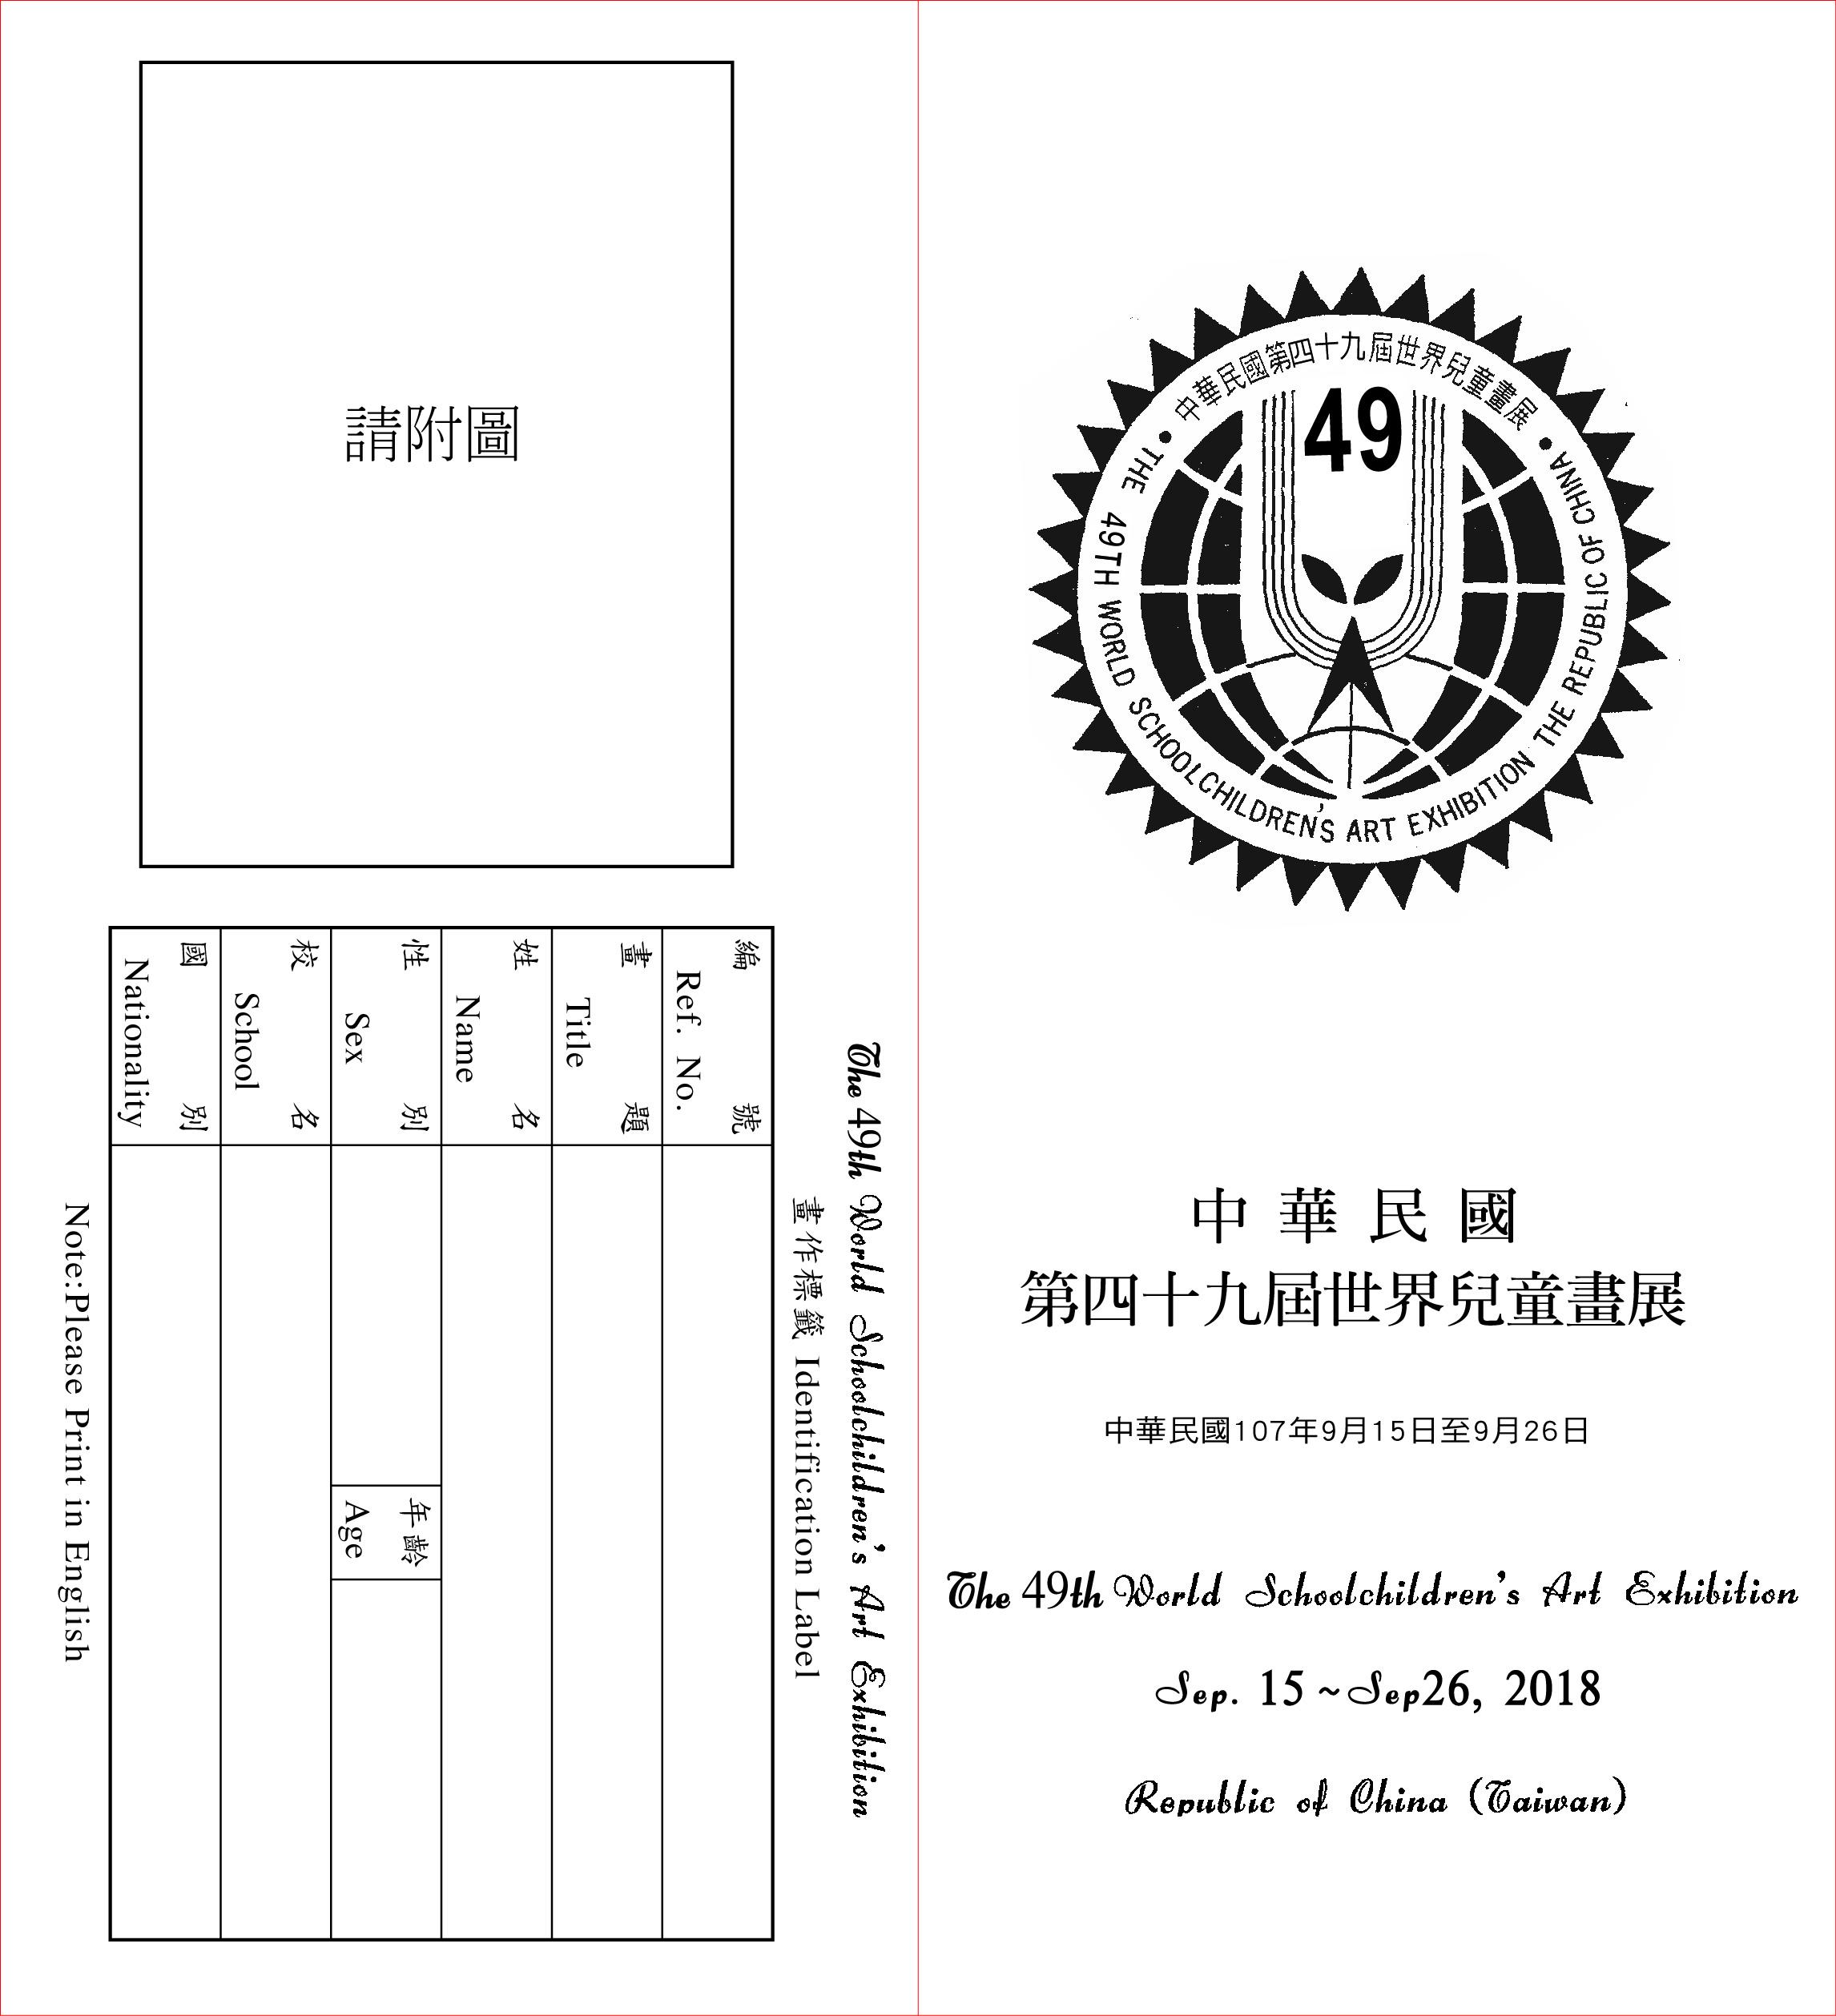 中華民國第49屆世界兒童畫展-英文簡章-畫展正面